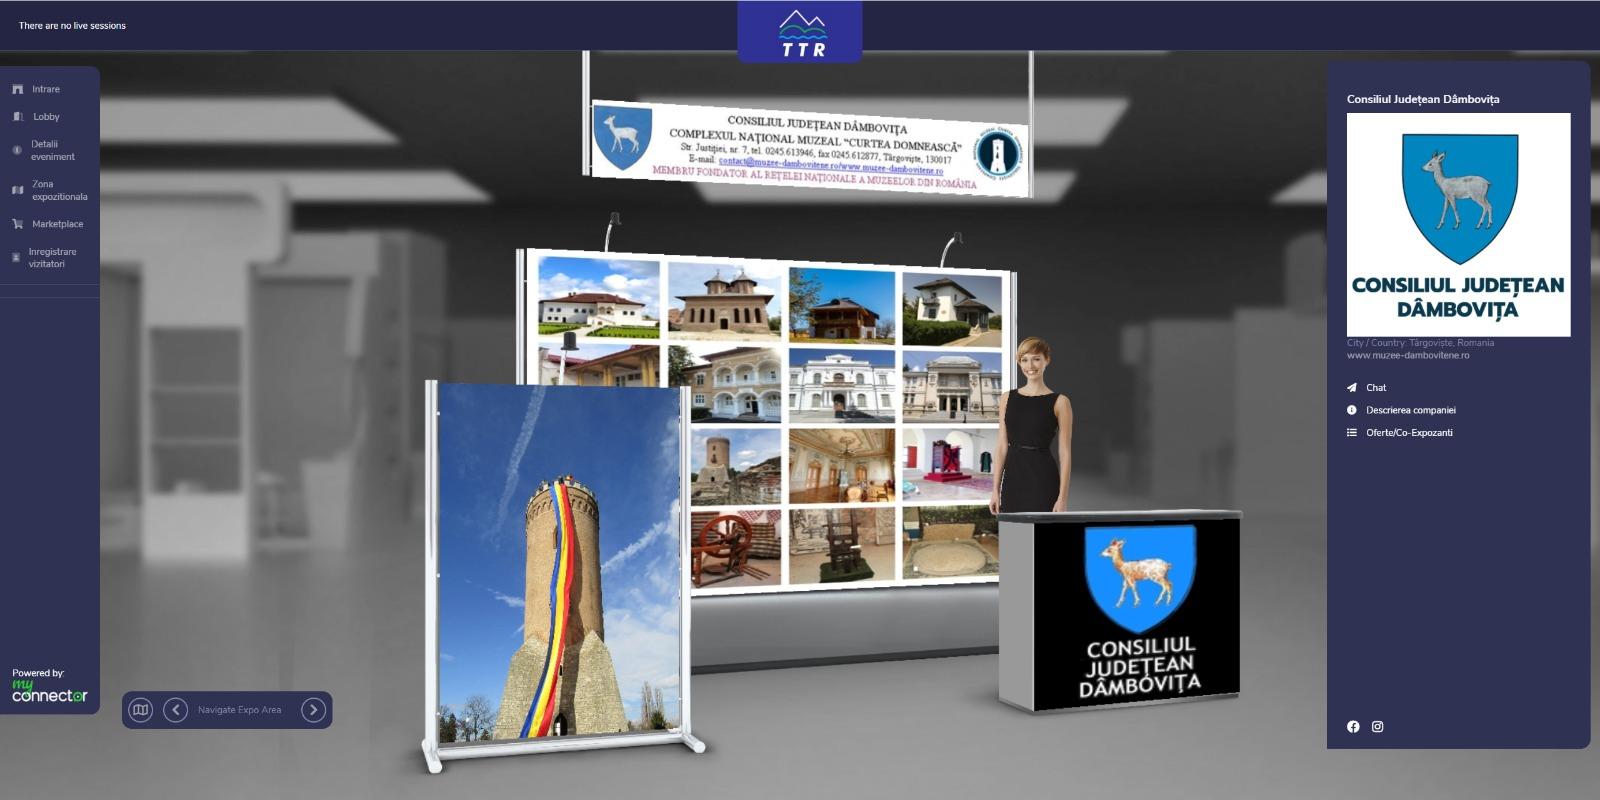 https://www.cjd.ro/storage/comunicate-de-presa/a-inceput-editia-de-primavara-a-targului-de-turism-al-romaniei-1.jfif